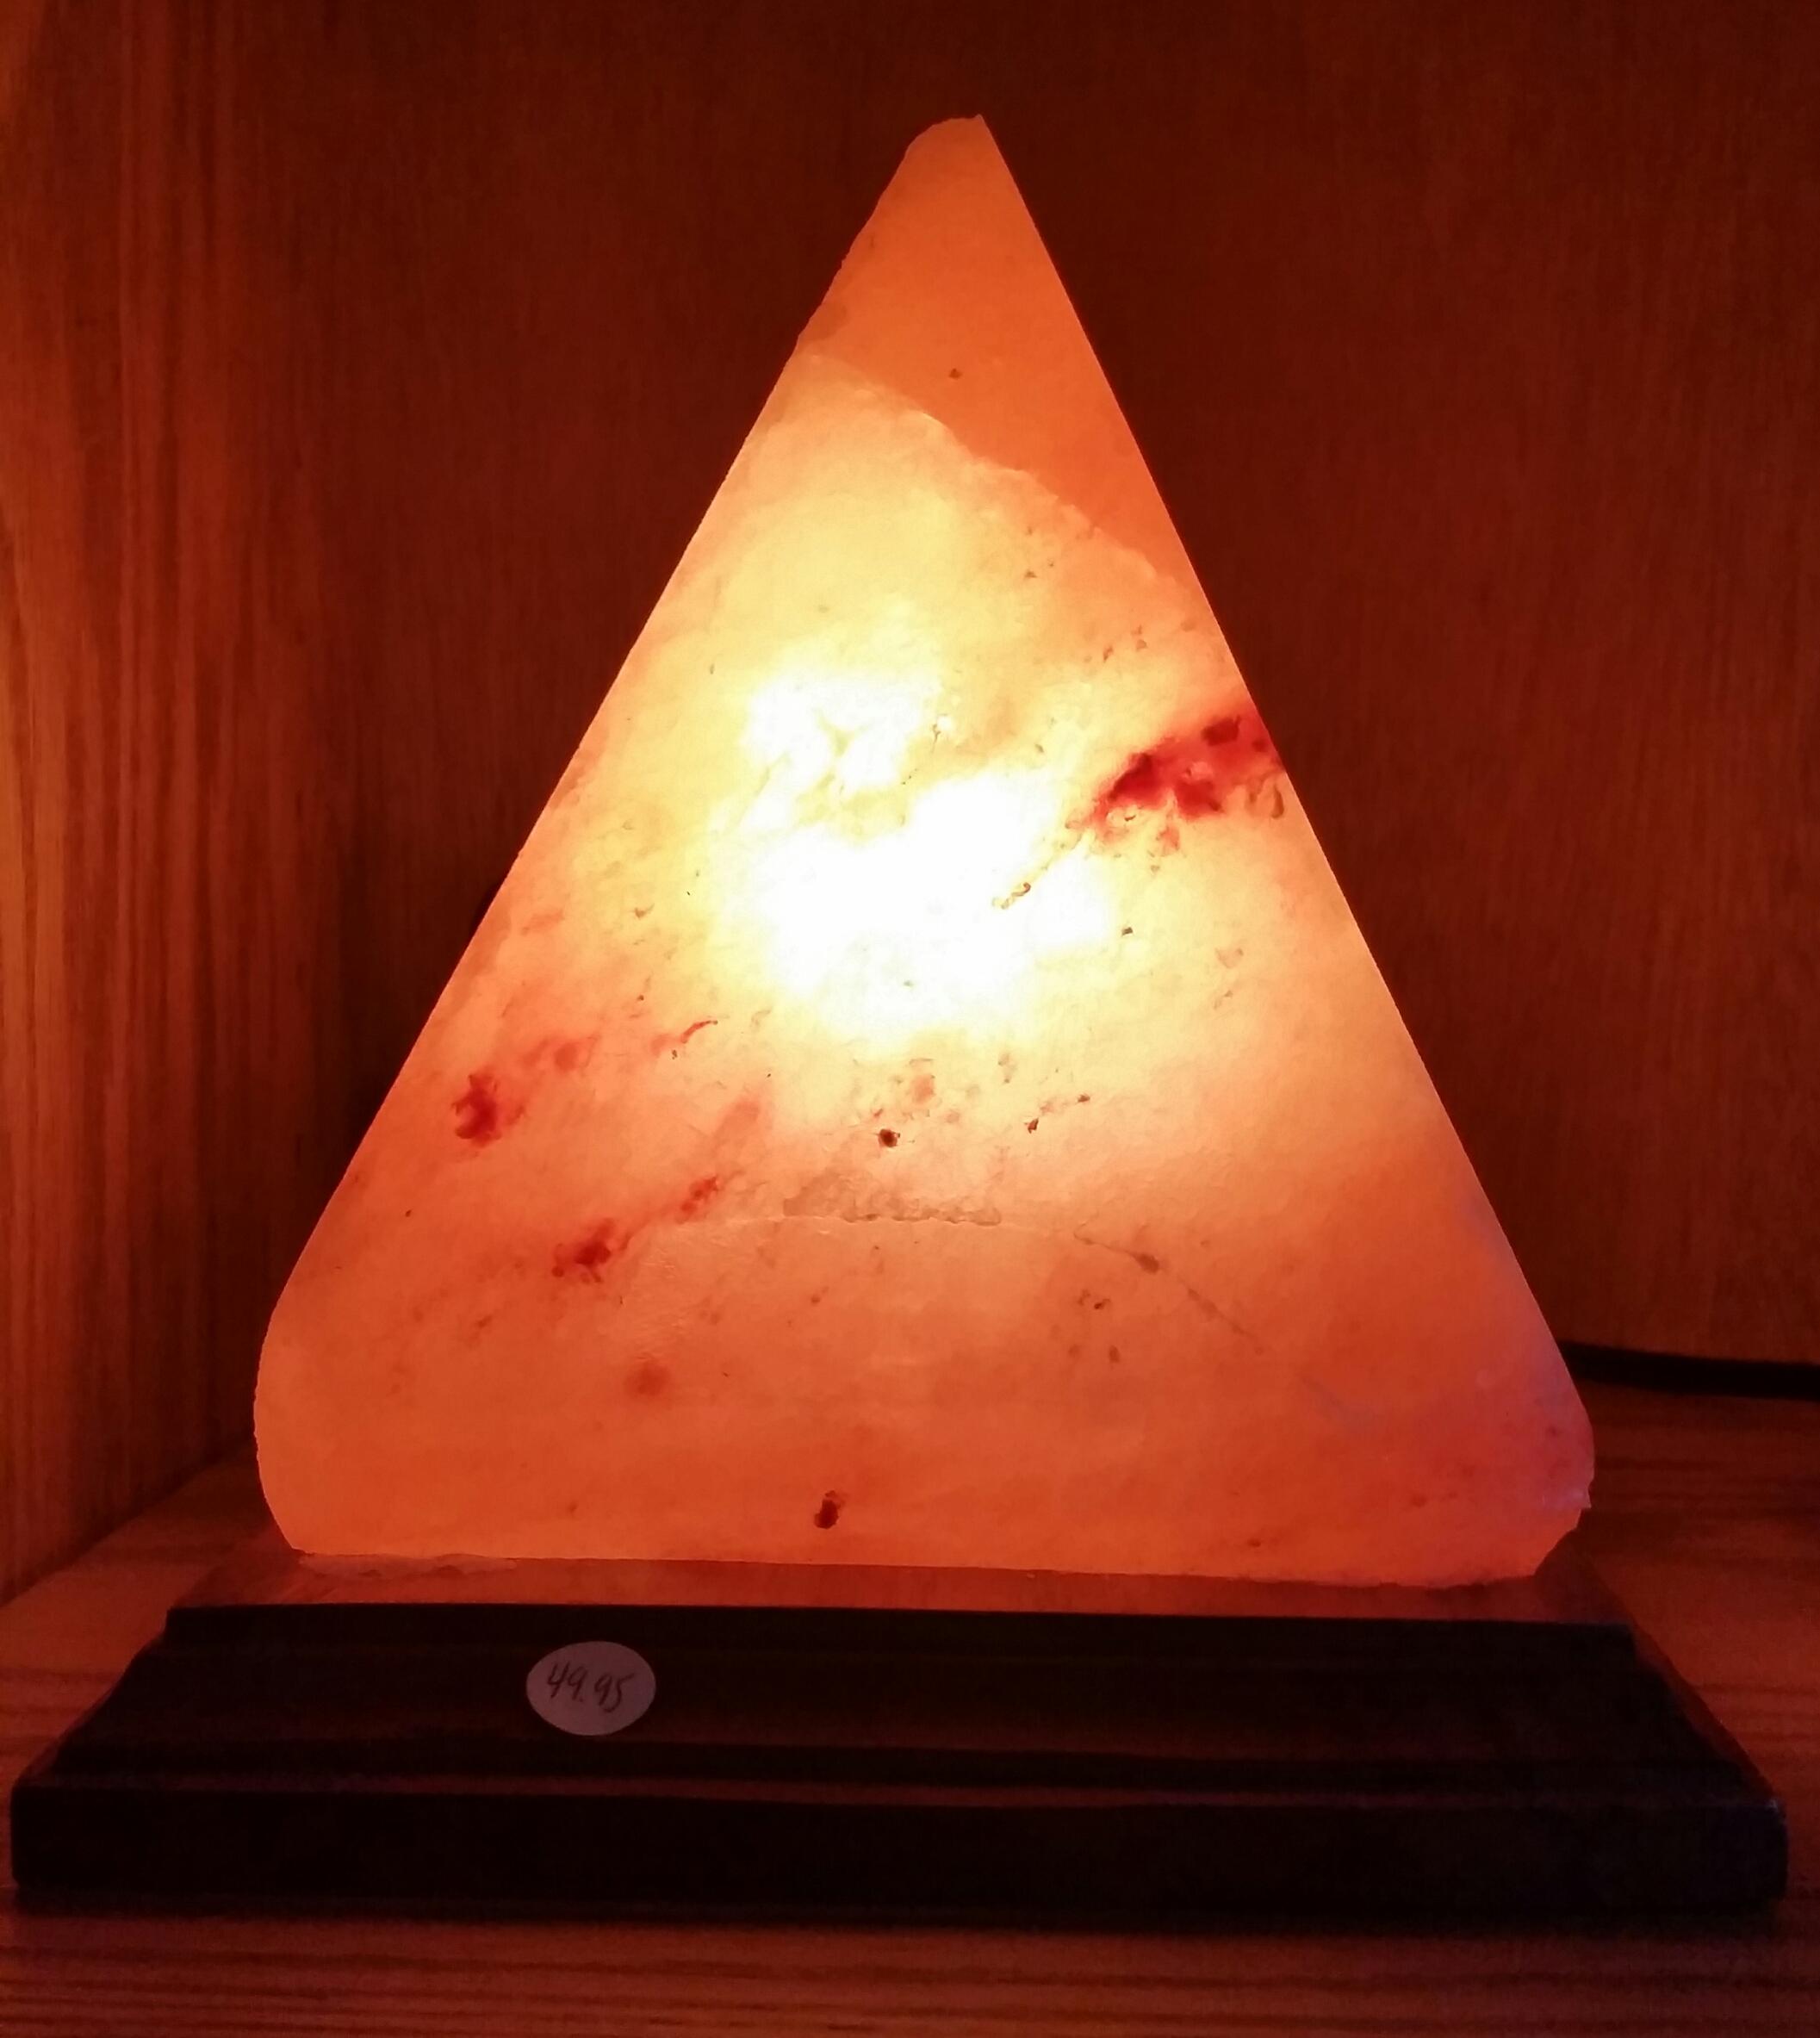 ... Large Pyramid Himalayan Salt Lamp